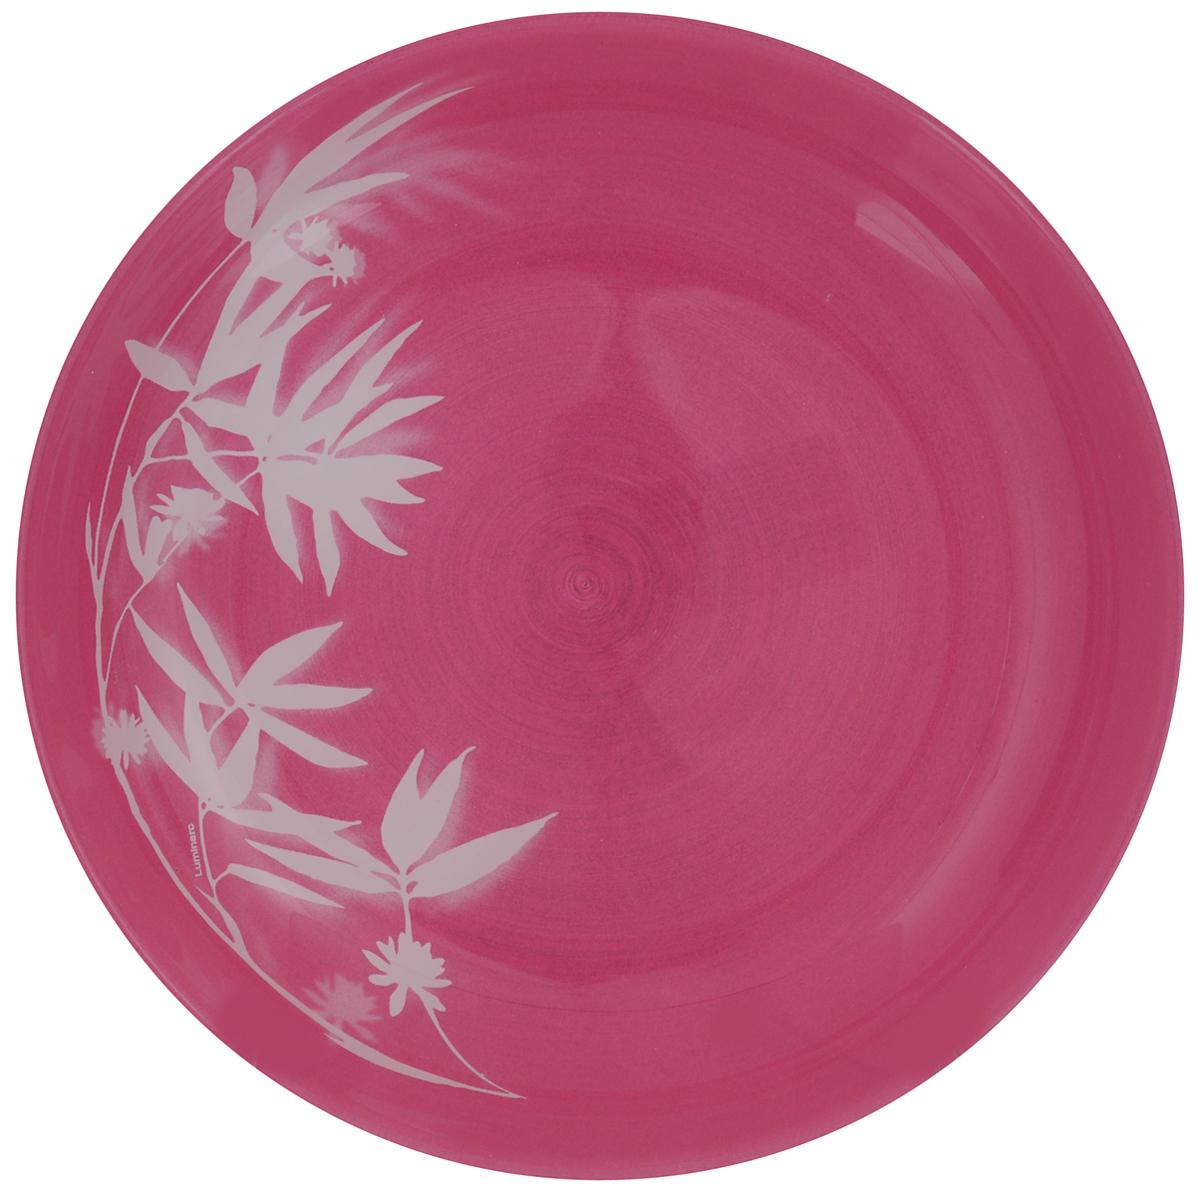 Тарелка обеденная Luminarc Darjeeling Pink, диаметр 20 смH3570Обеденная тарелка Luminarc Darjeeling Pink, изготовленная из высококачественного стекла, имеет изысканный внешний вид. Яркий дизайн придется по вкусу и ценителям классики, и тем, кто предпочитает утонченность. Тарелка Luminarc Darjeeling Pink идеально подойдет для сервировки стола и станет отличным подарком к любому празднику.Диаметр (по верхнему краю): 20 см.